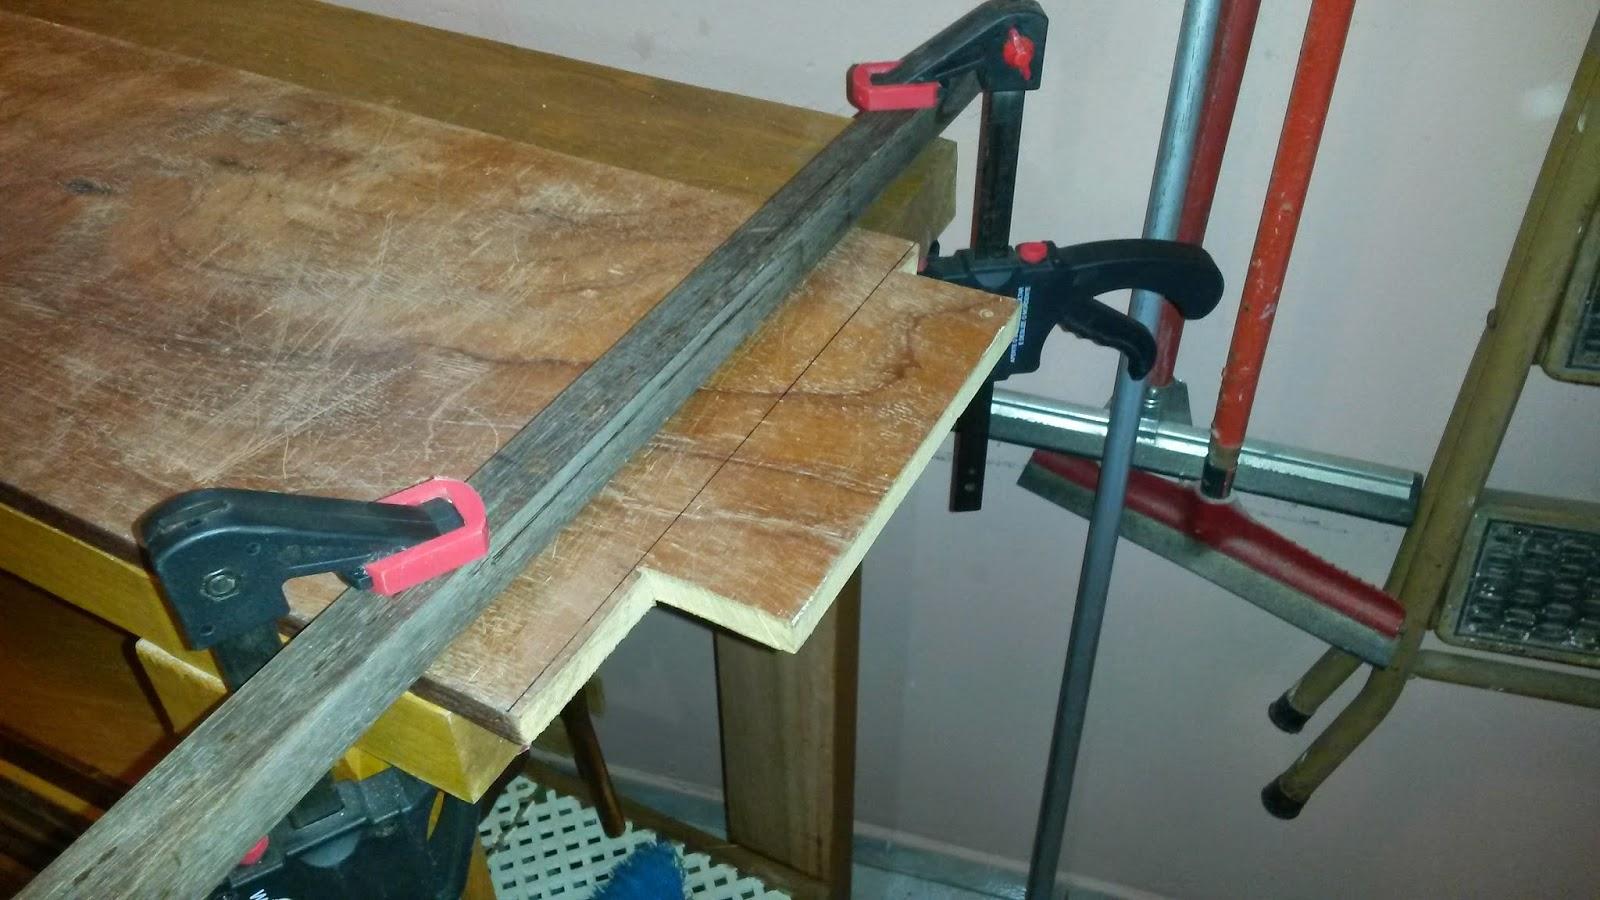 Oficina do Quintal: Como fazer um aparador com restos de madeira #214C60 1600x900